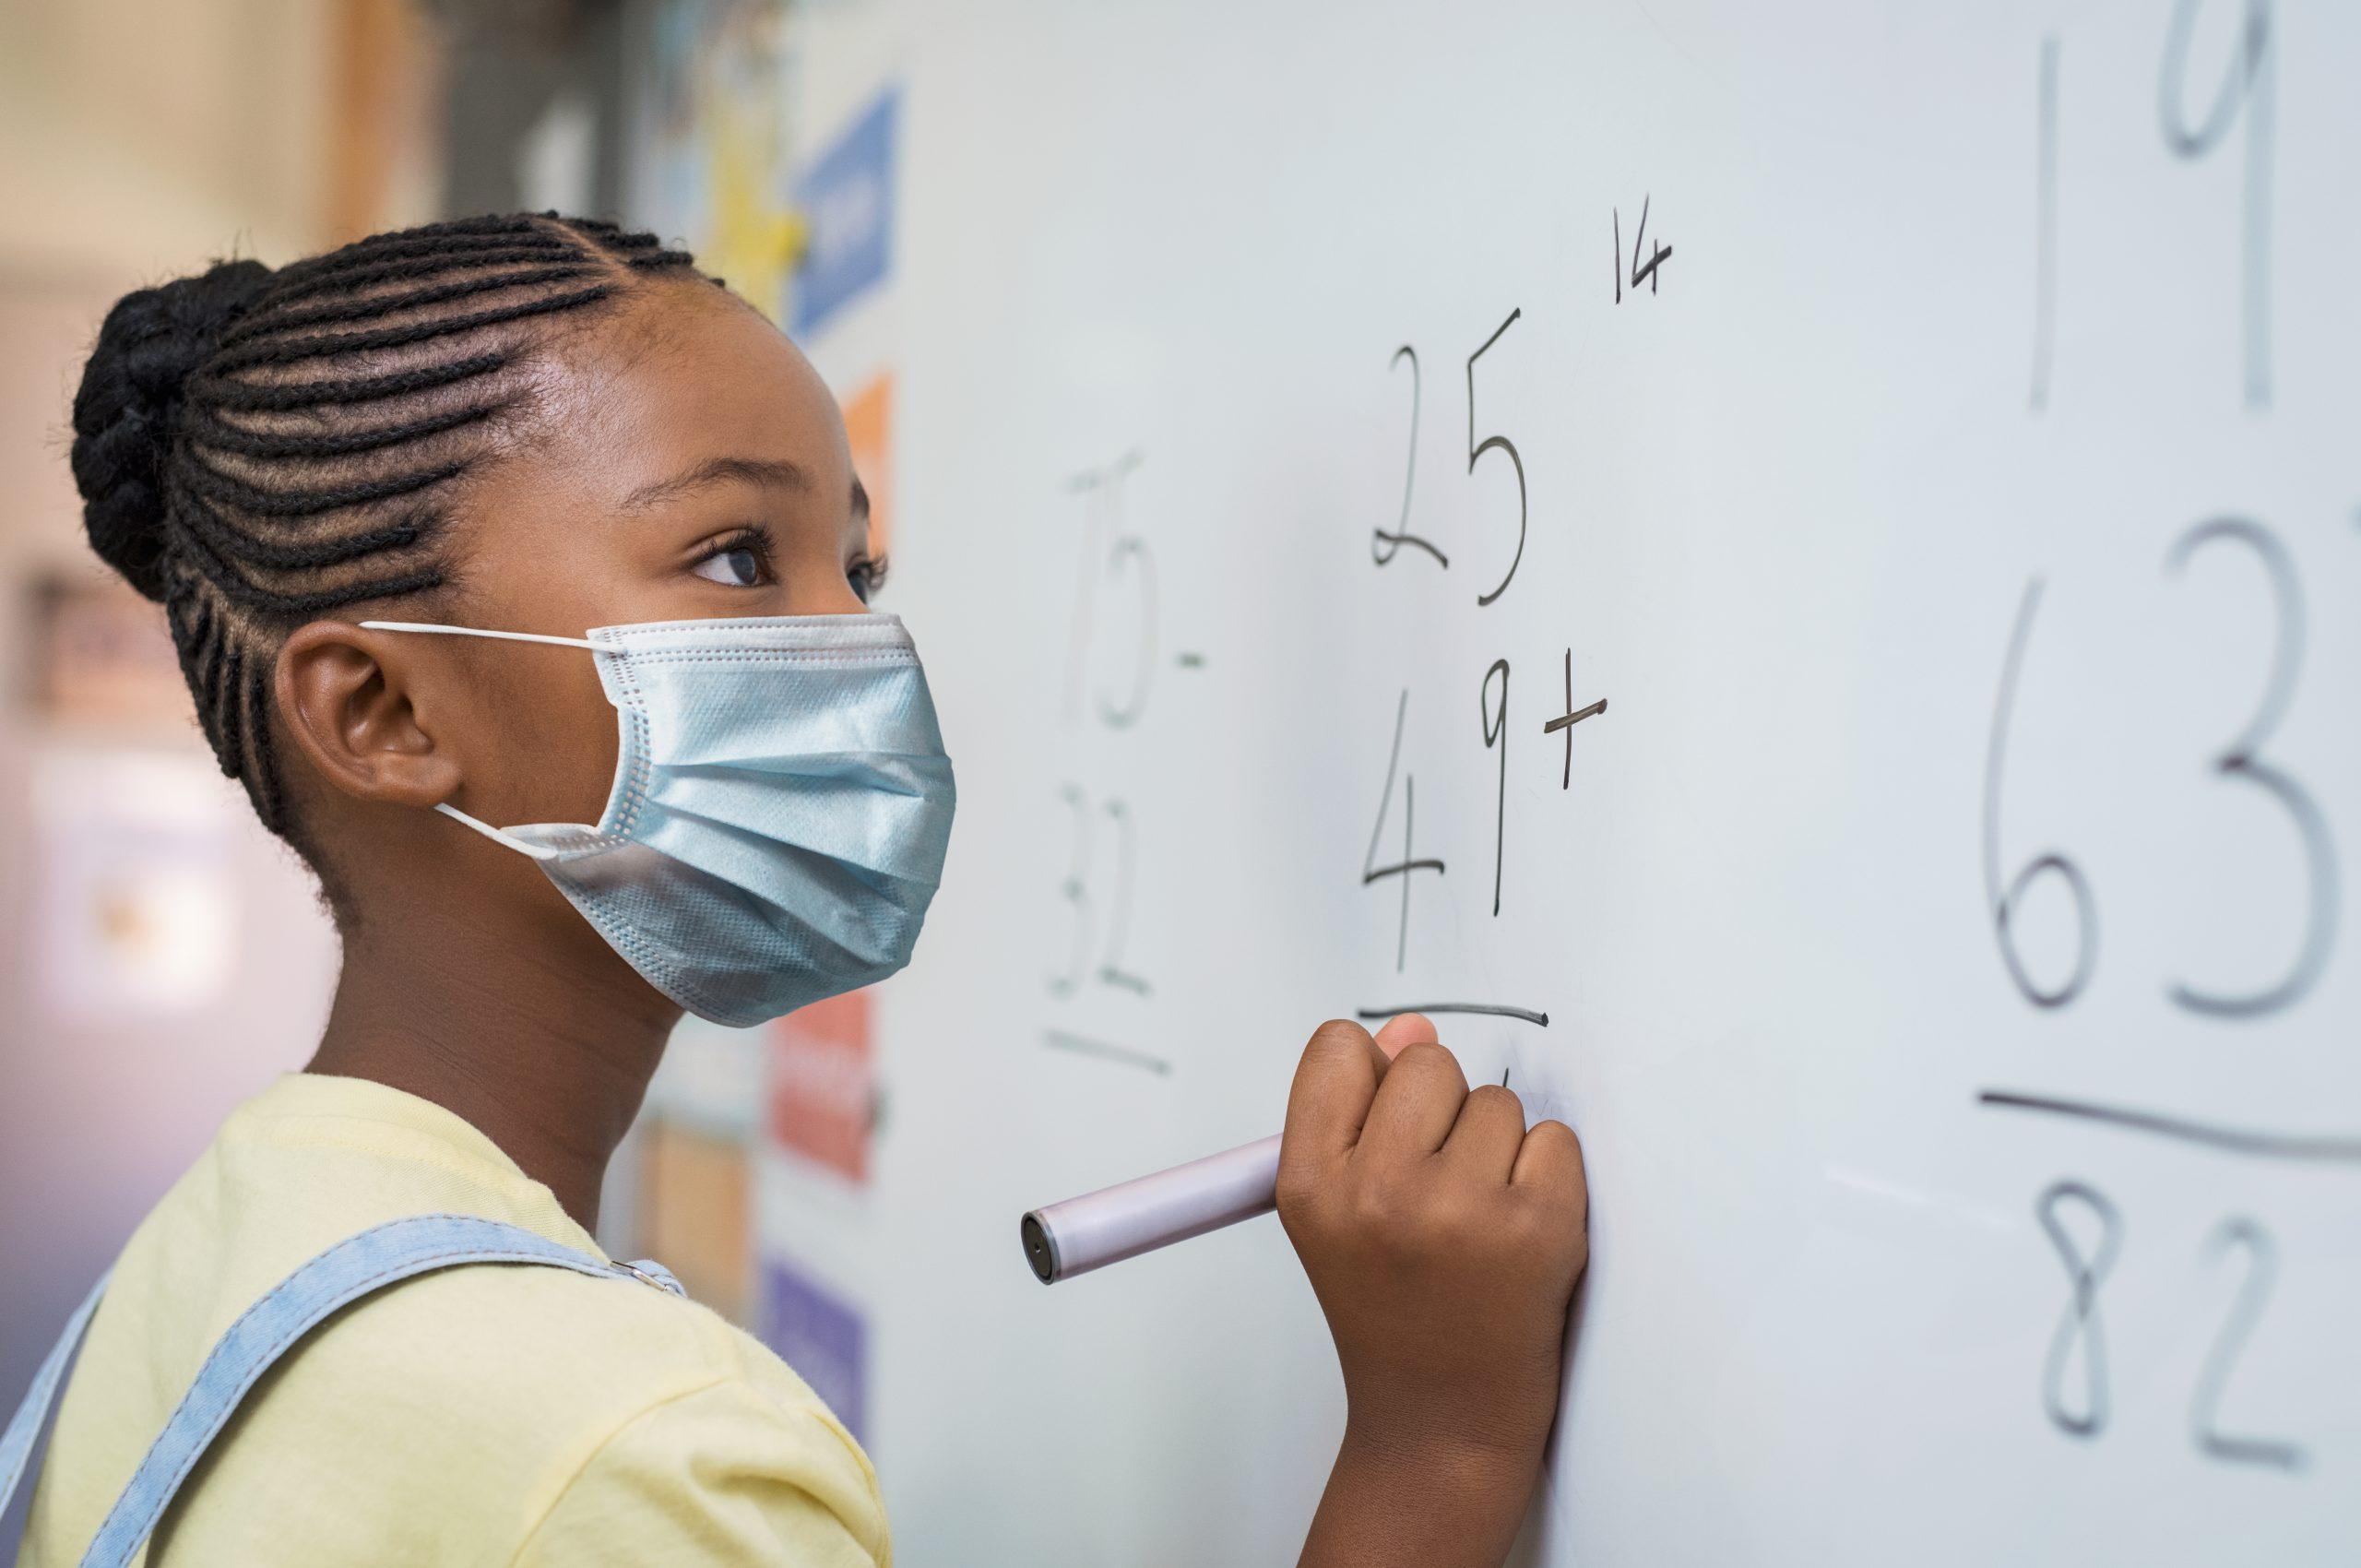 마스크를 착용하고 화이트보드에 필기 중인 여학생